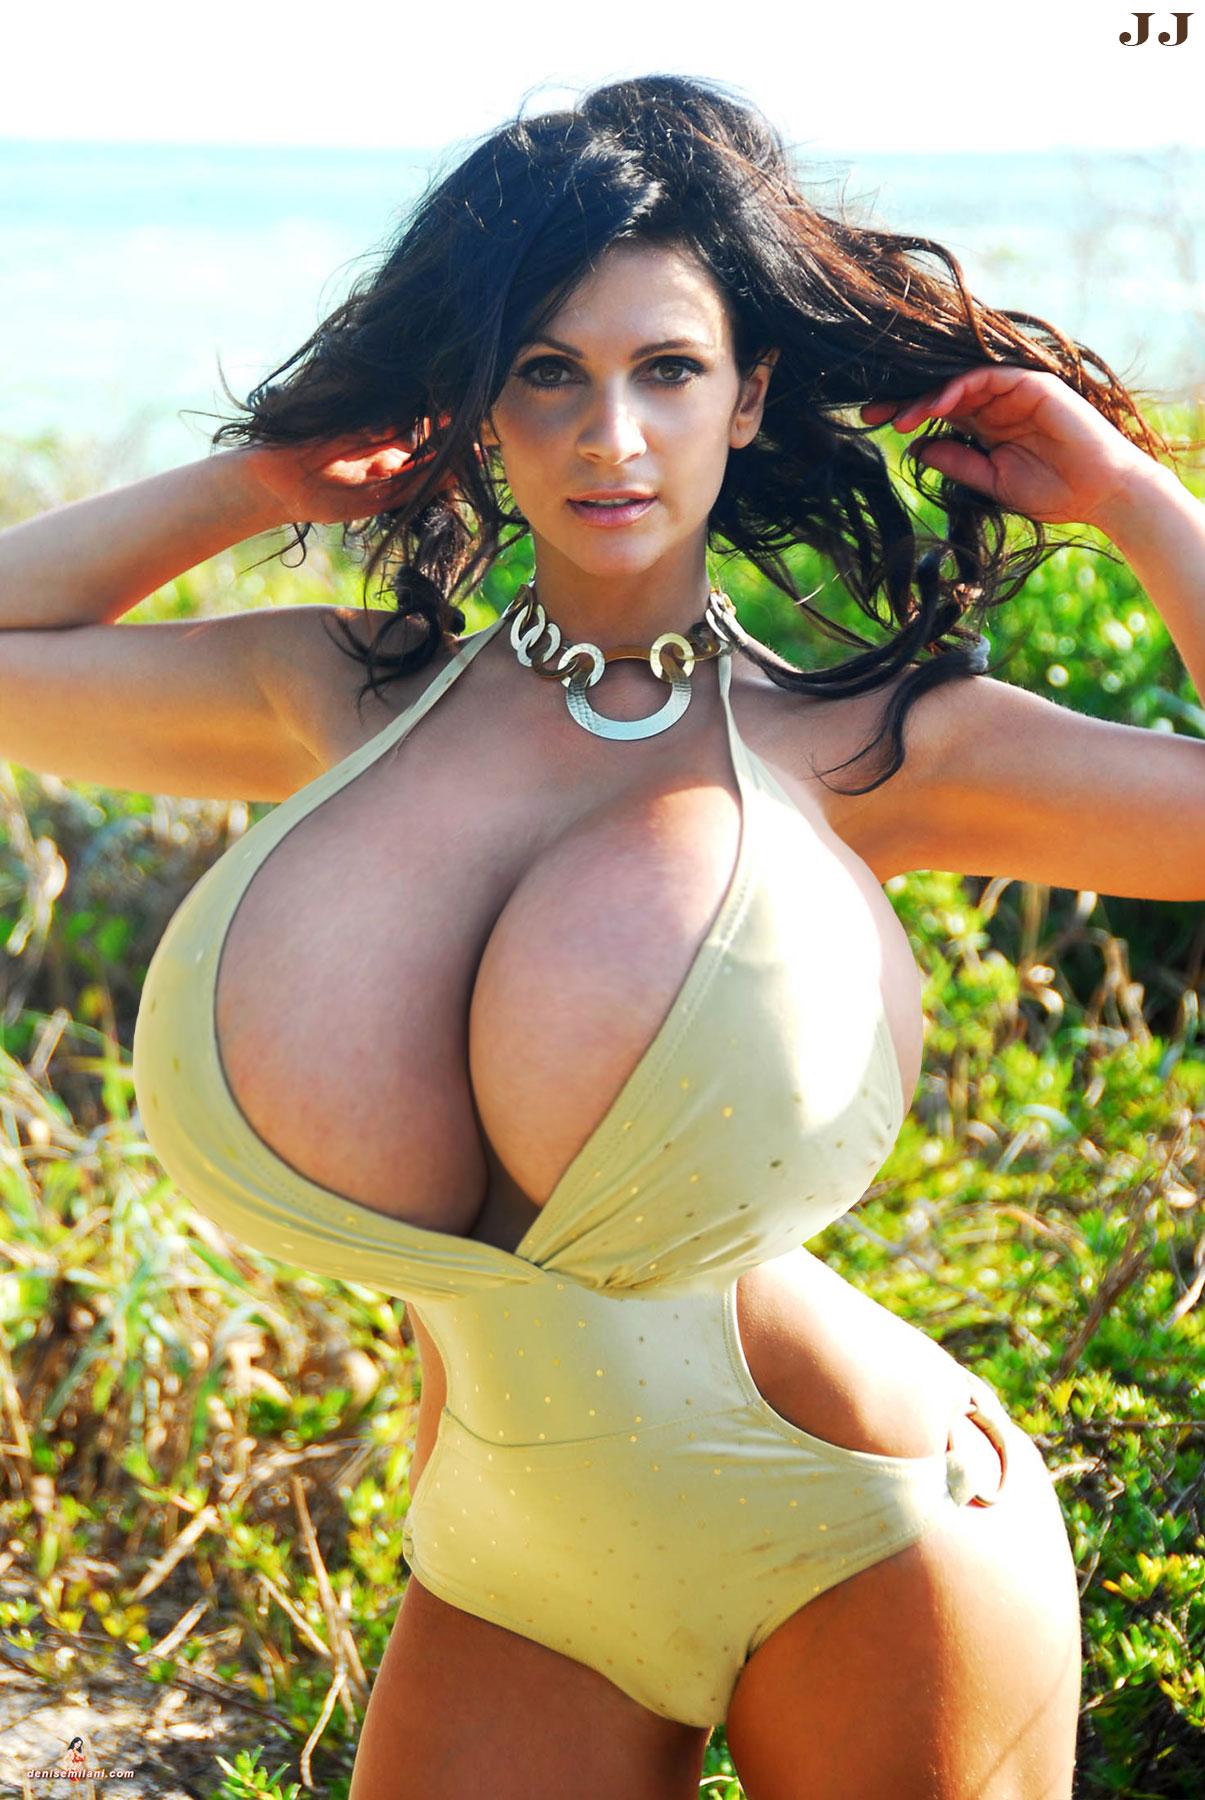 3D Big Tits Anal stranger tits - big tits photos, big boobs women, huge tits